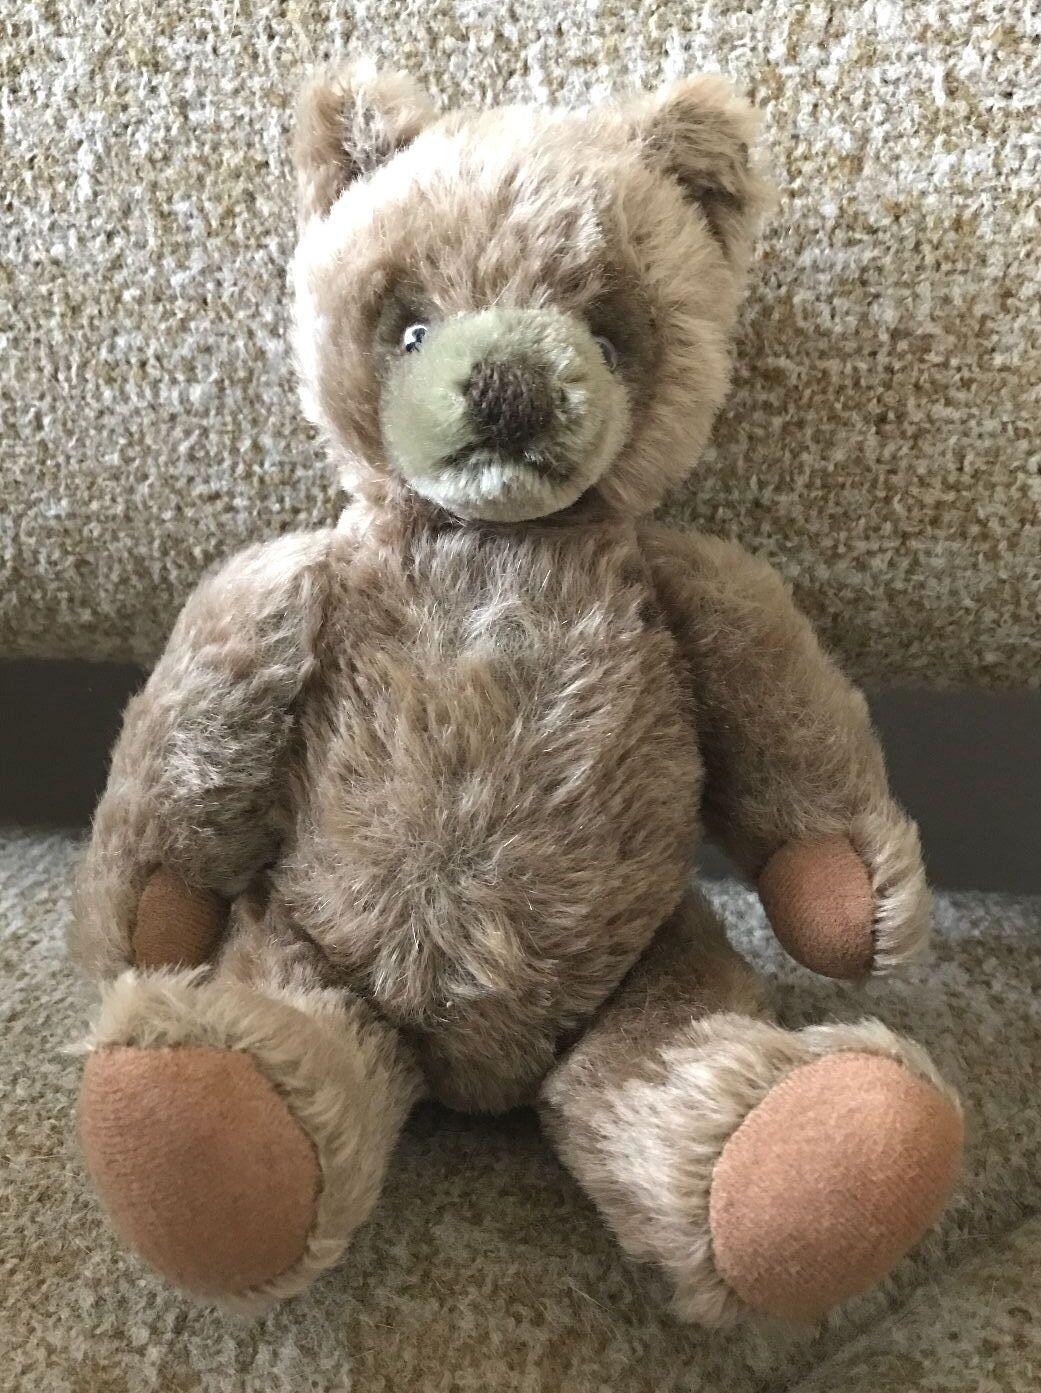 ️STEIFF ~ORIGINAL TEDDY BEAR~ 0202/26 JOINTED 10  1968-80 CARMEL MOHAIR VTG ️